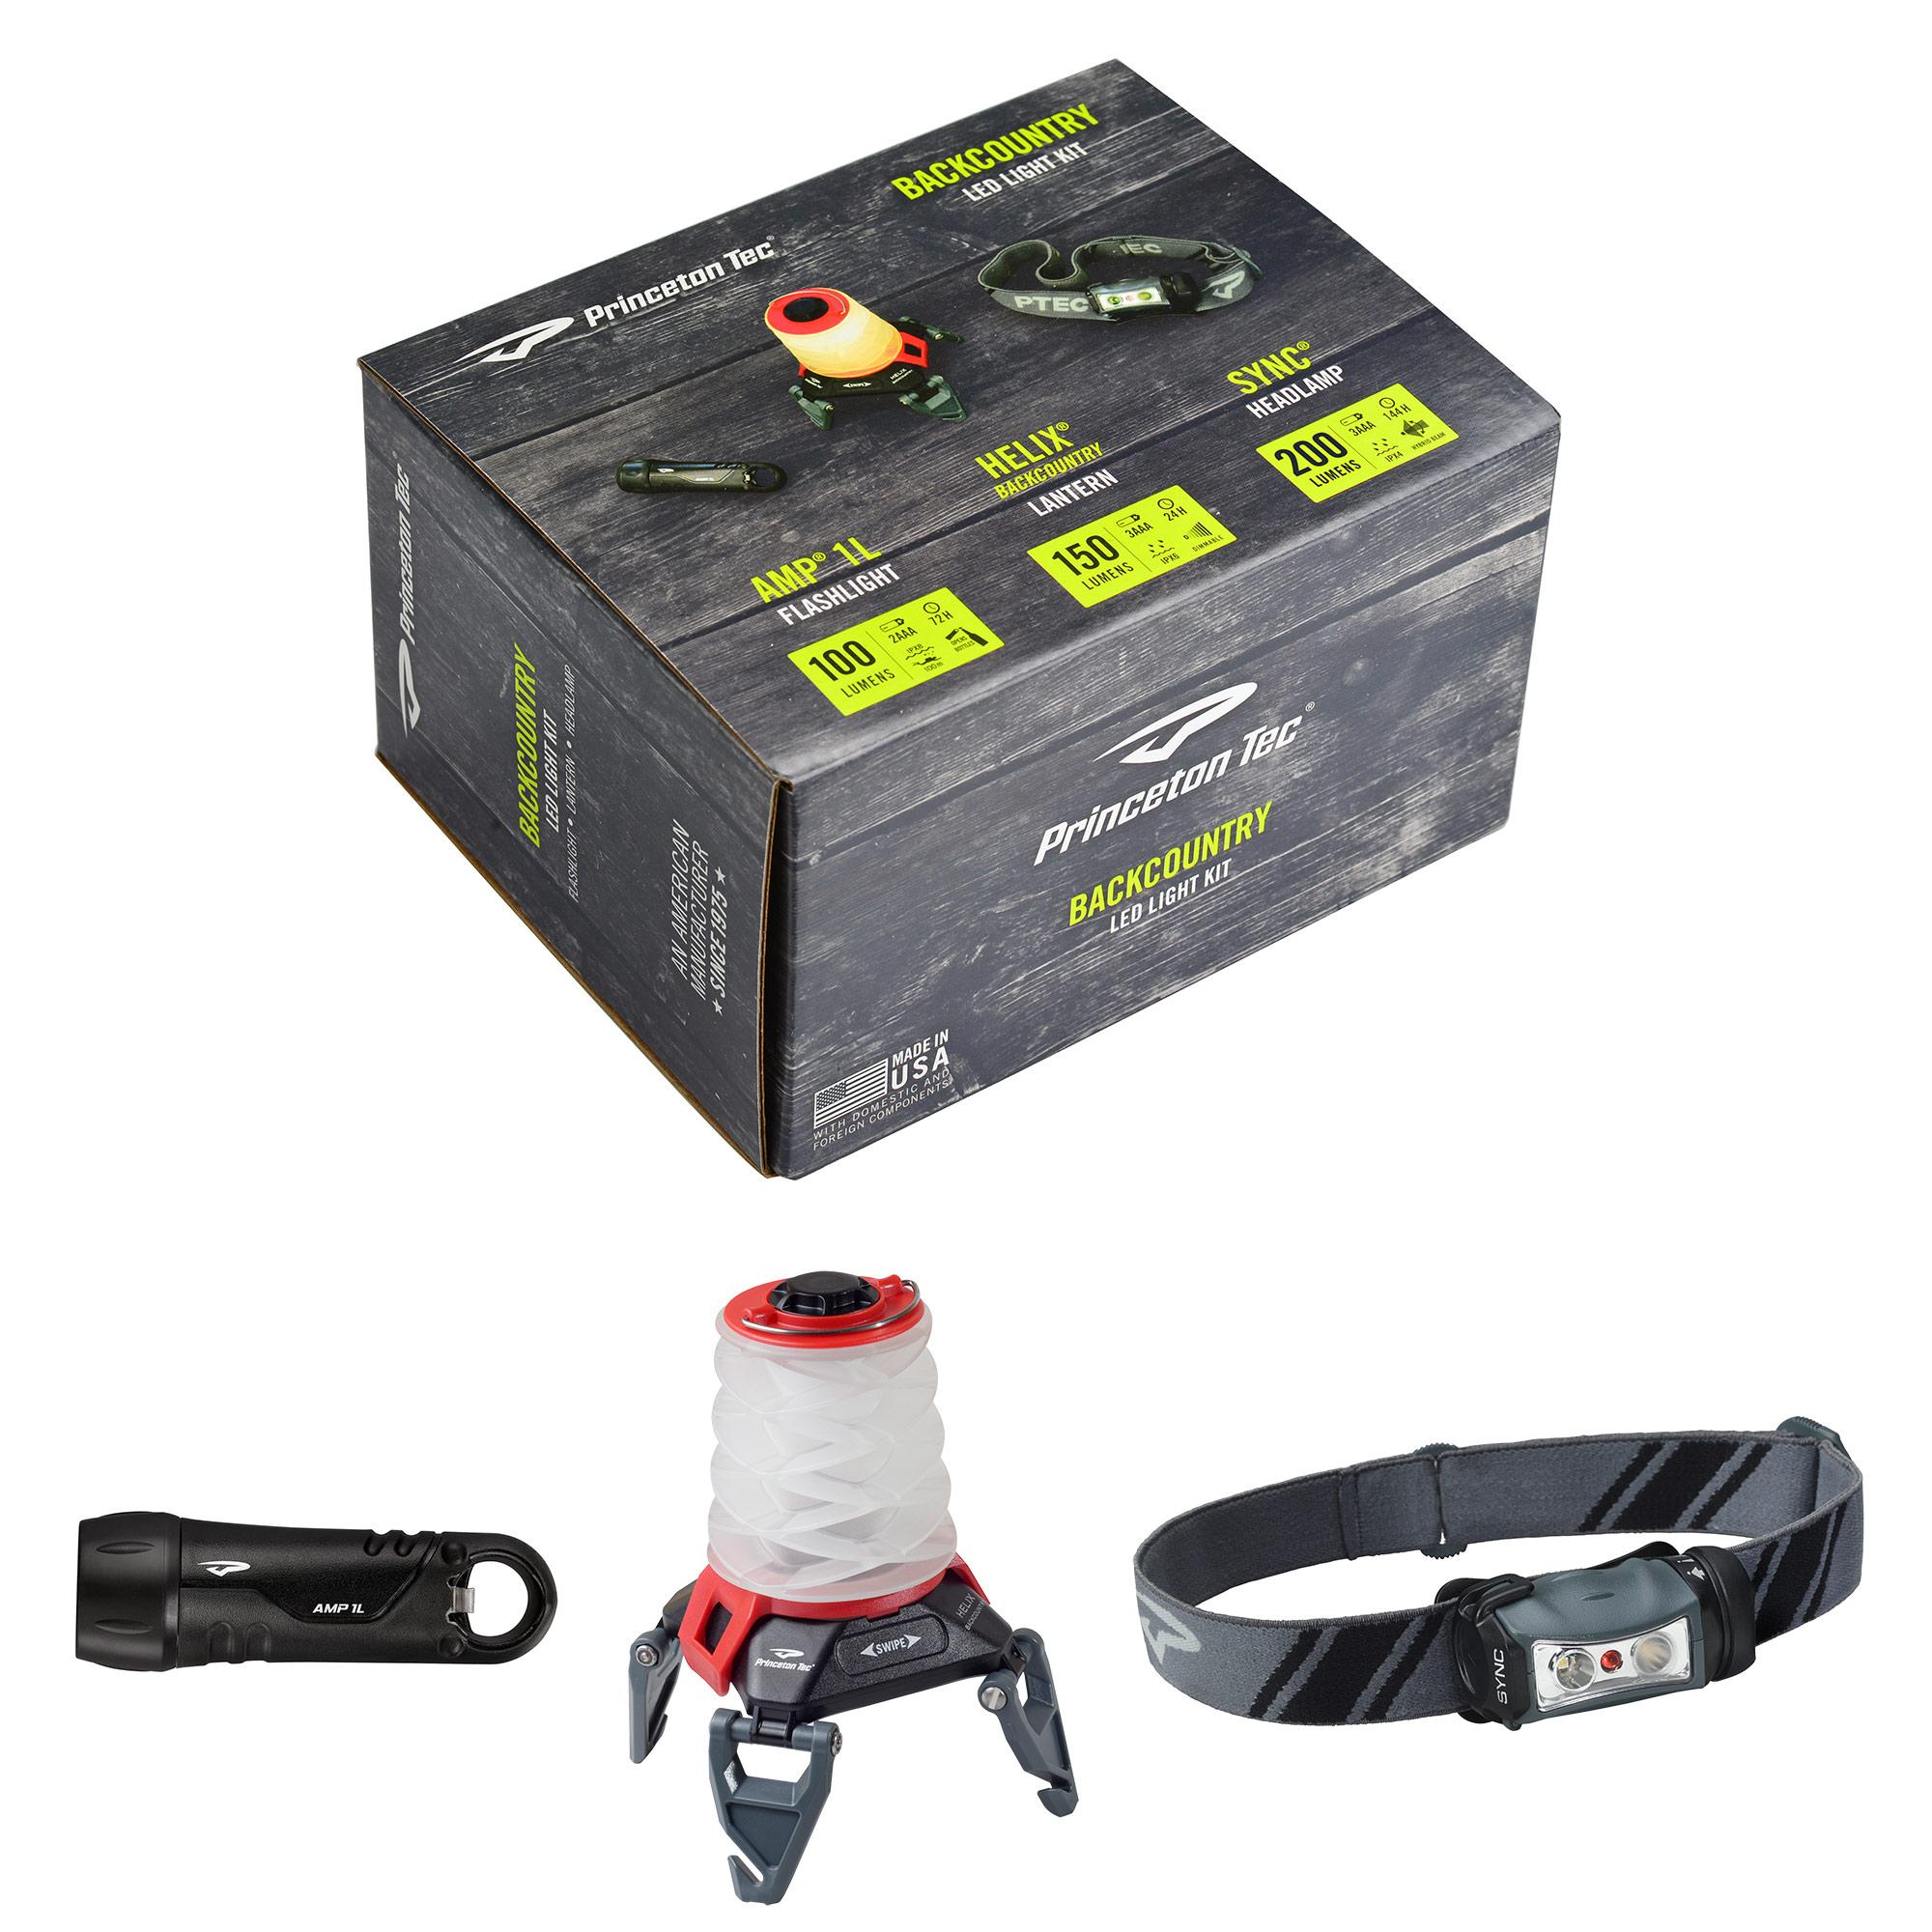 Backcountry LED Light Kit Outlet